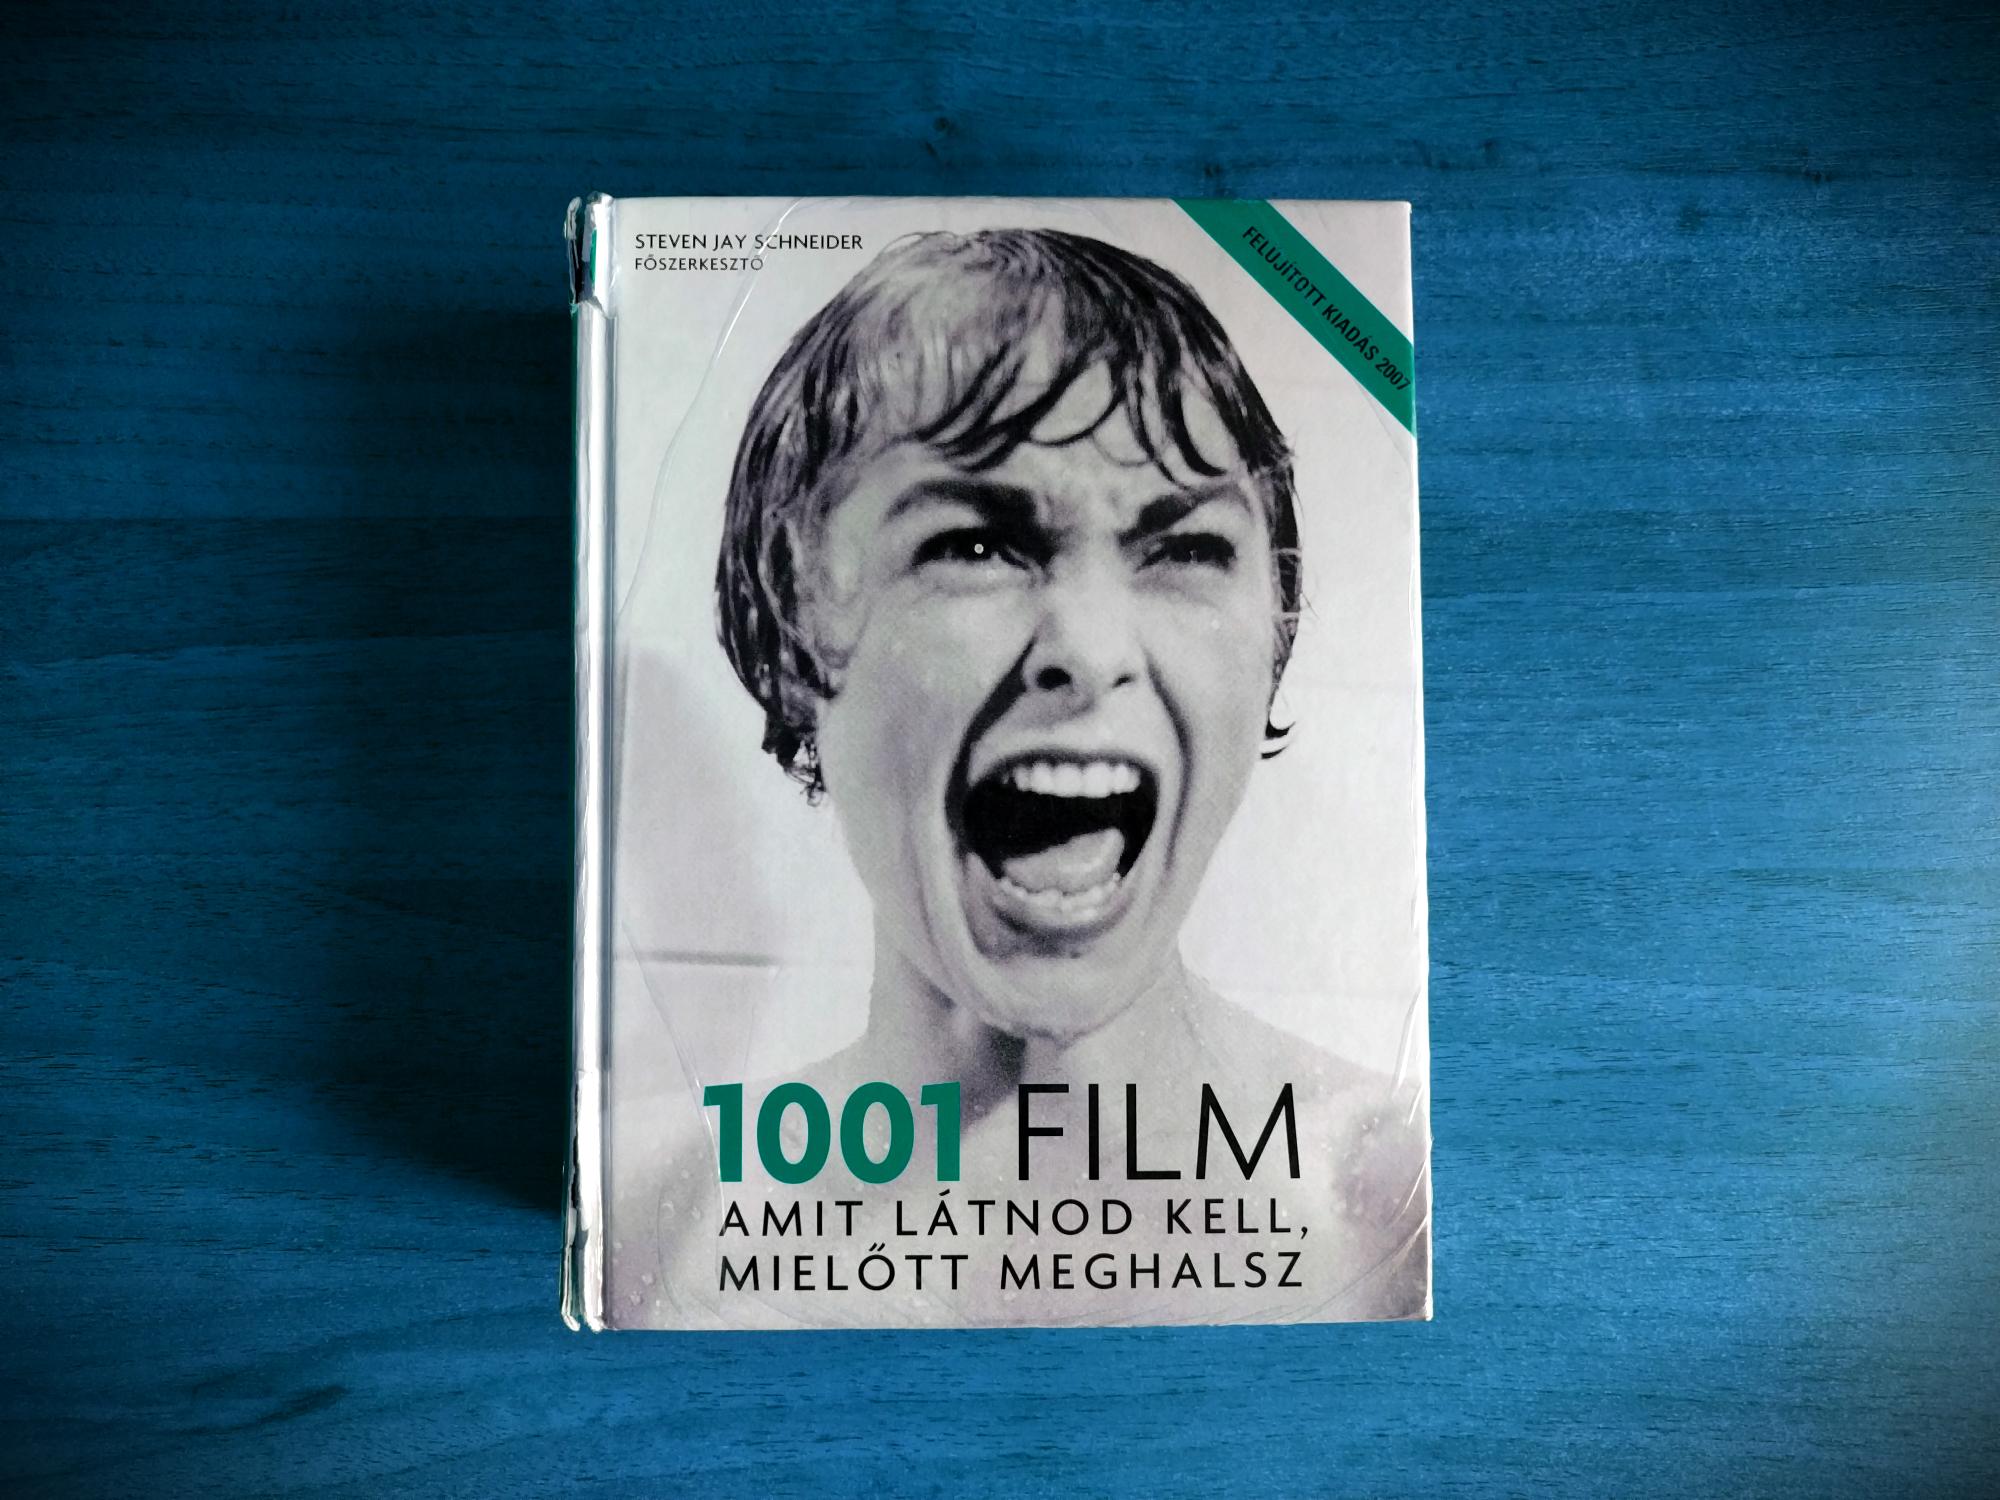 Megnéztem mind az 1001 filmet, amit látnom kellett, mielőtt meghalok